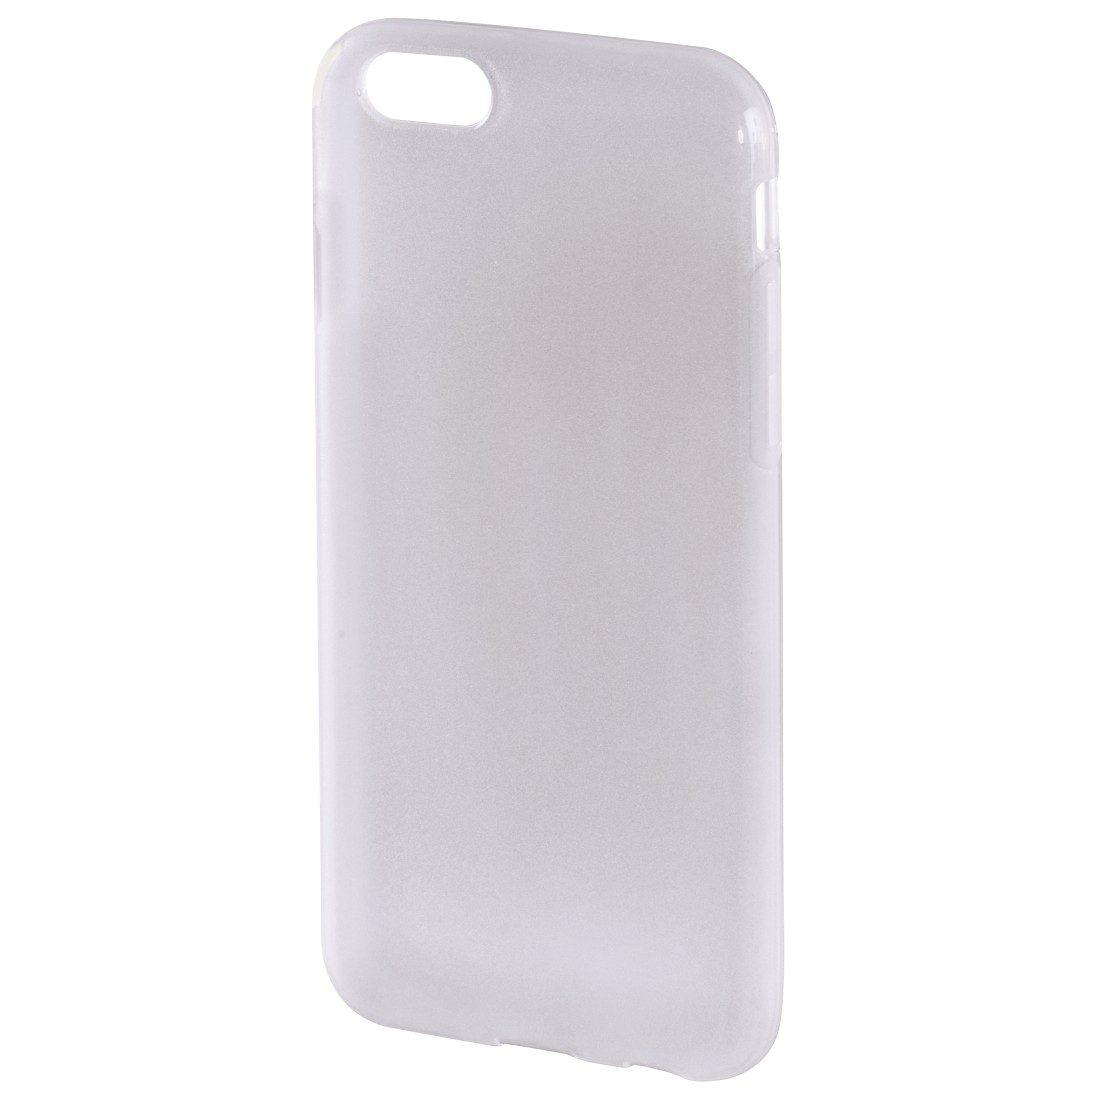 Hama Cover für iPhone 6 und iPhone 6s Schutzhülle Case »Hülle für iPhone, transparent«